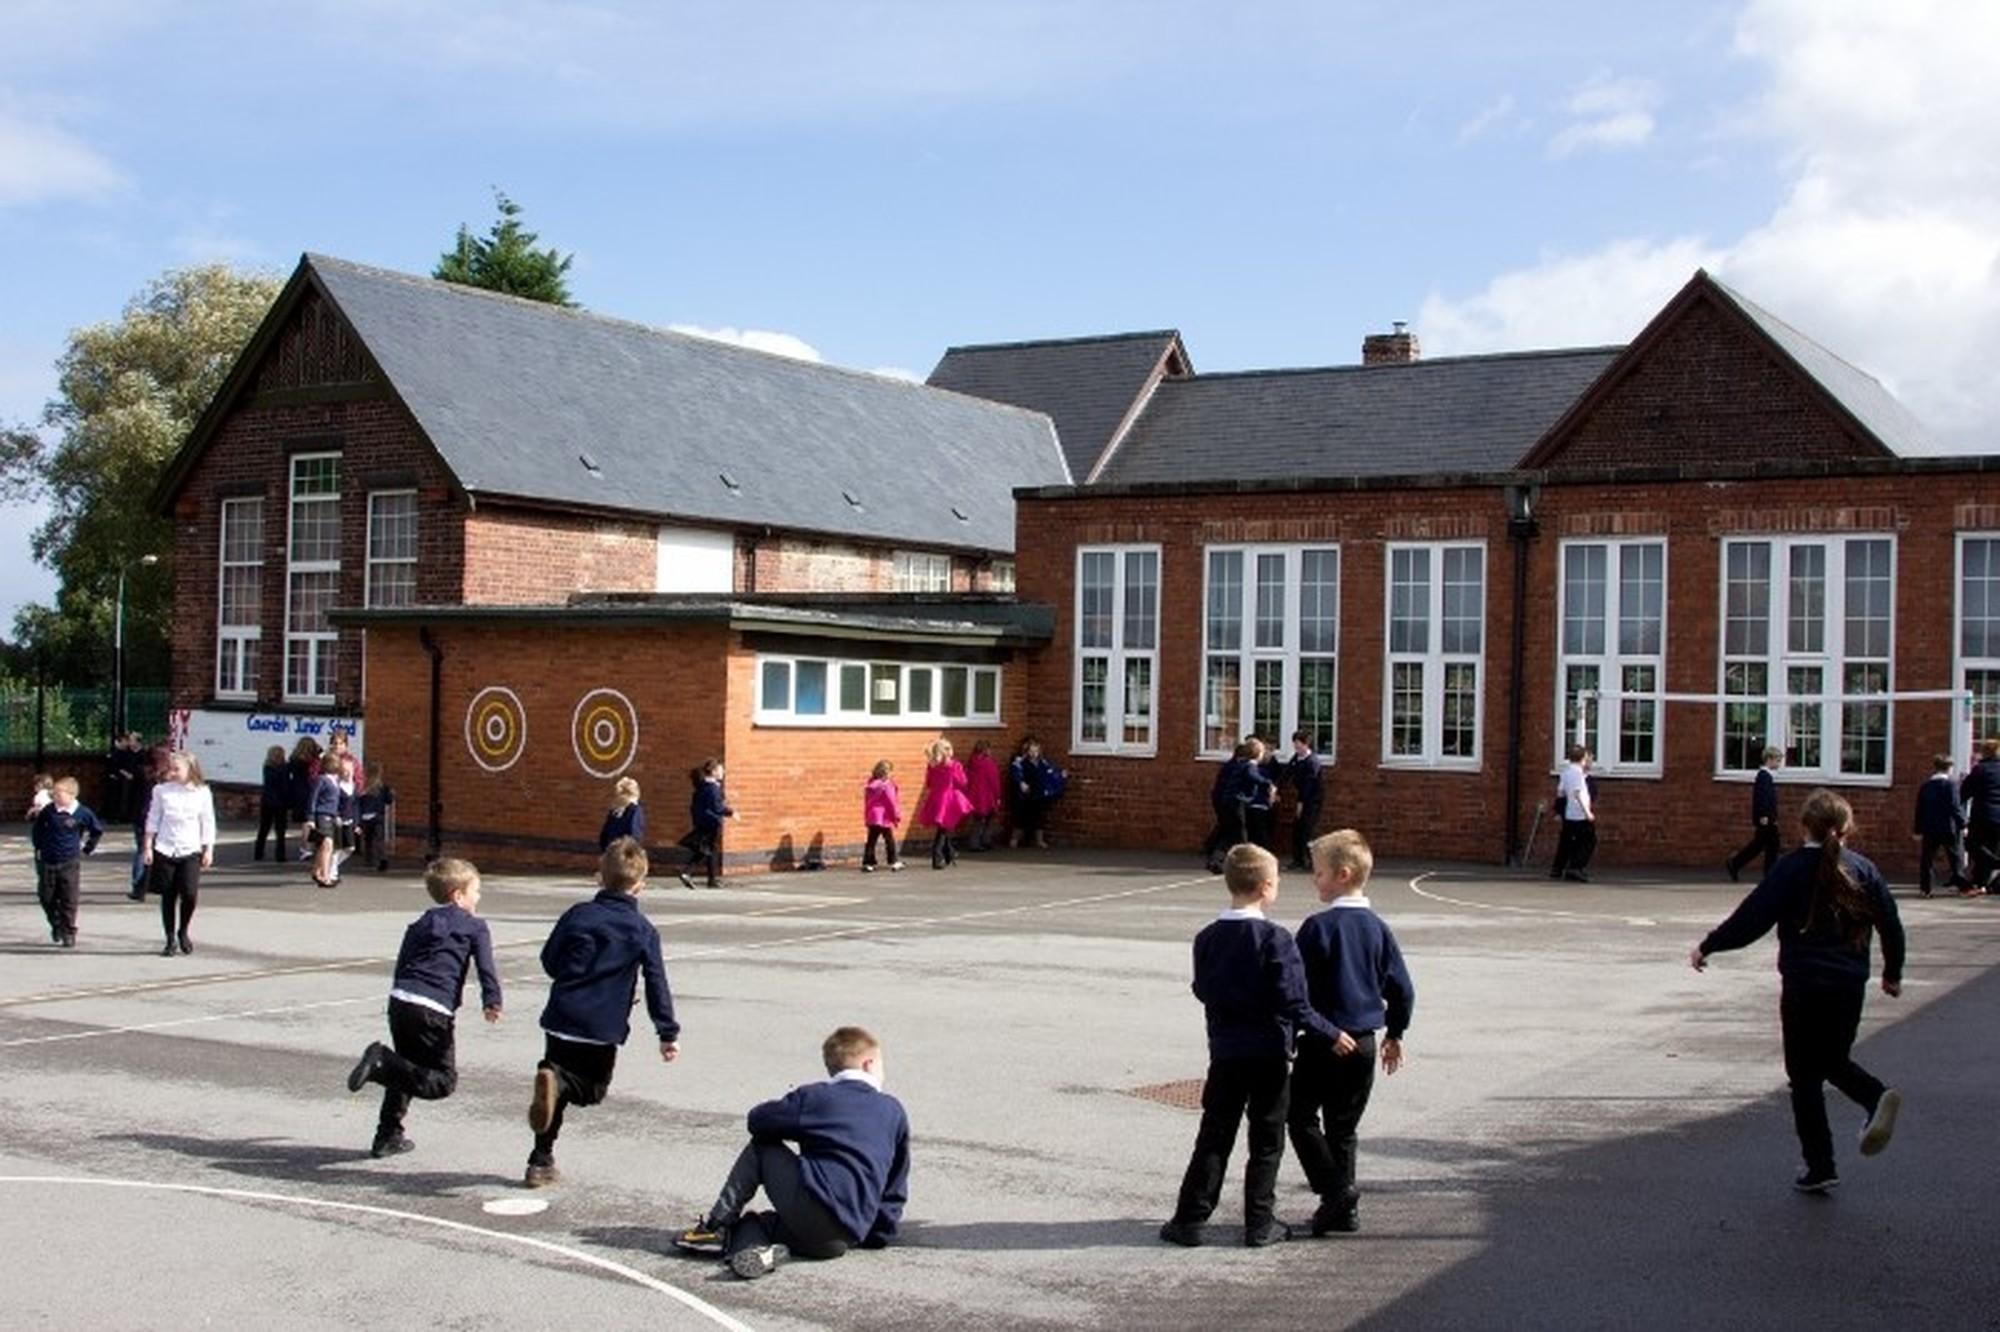 cavendish junior school